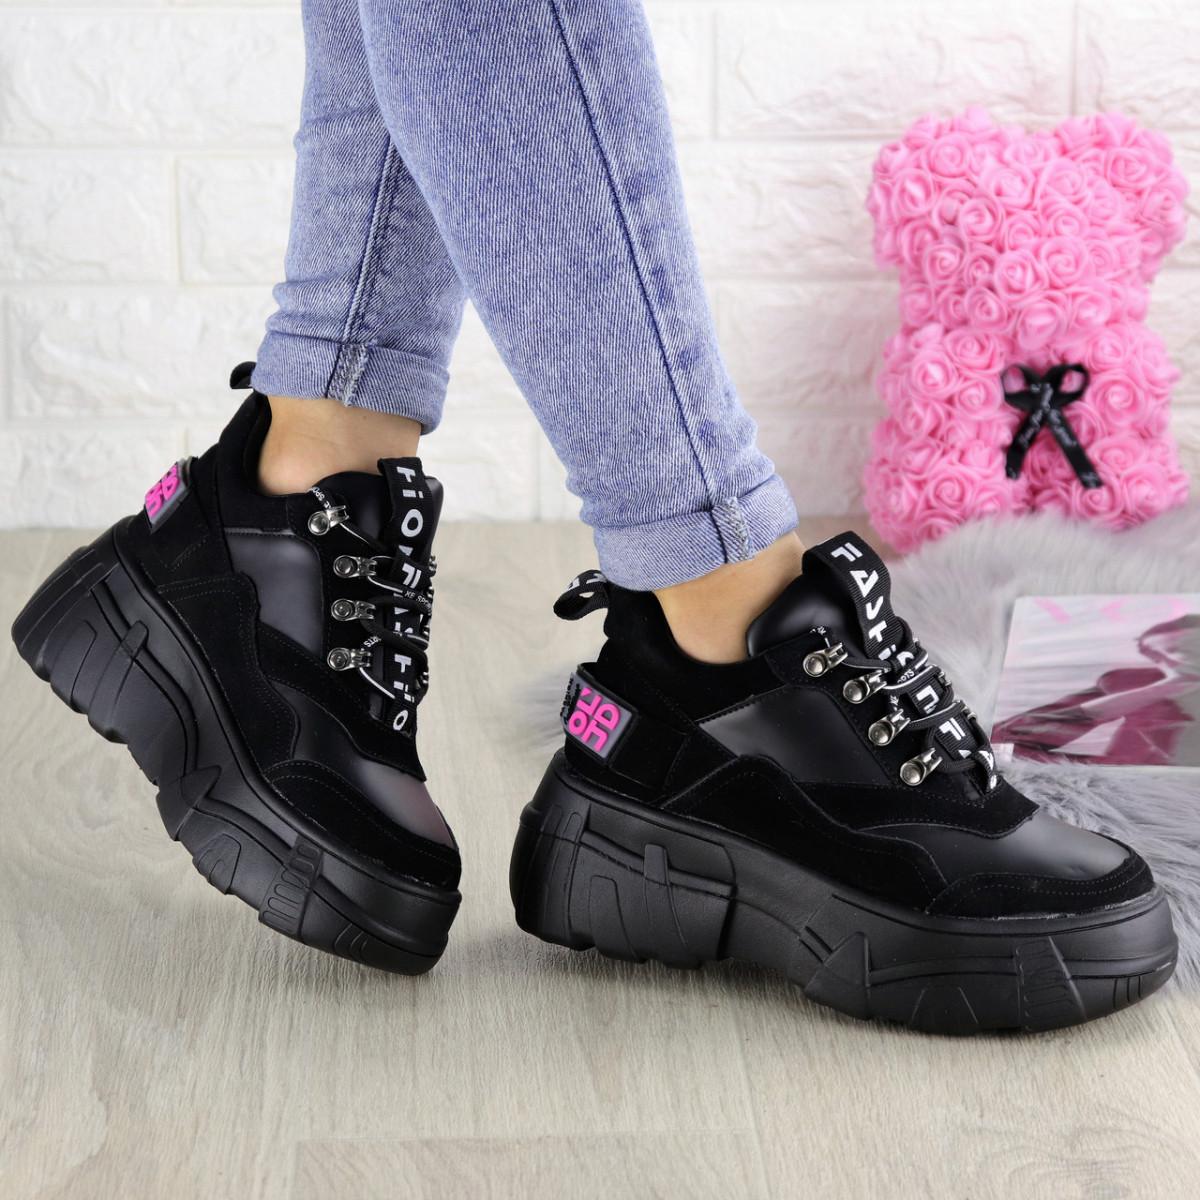 Жіночі кросівки Fashion Harper 1302 38 розмір 23,5 см Чорний